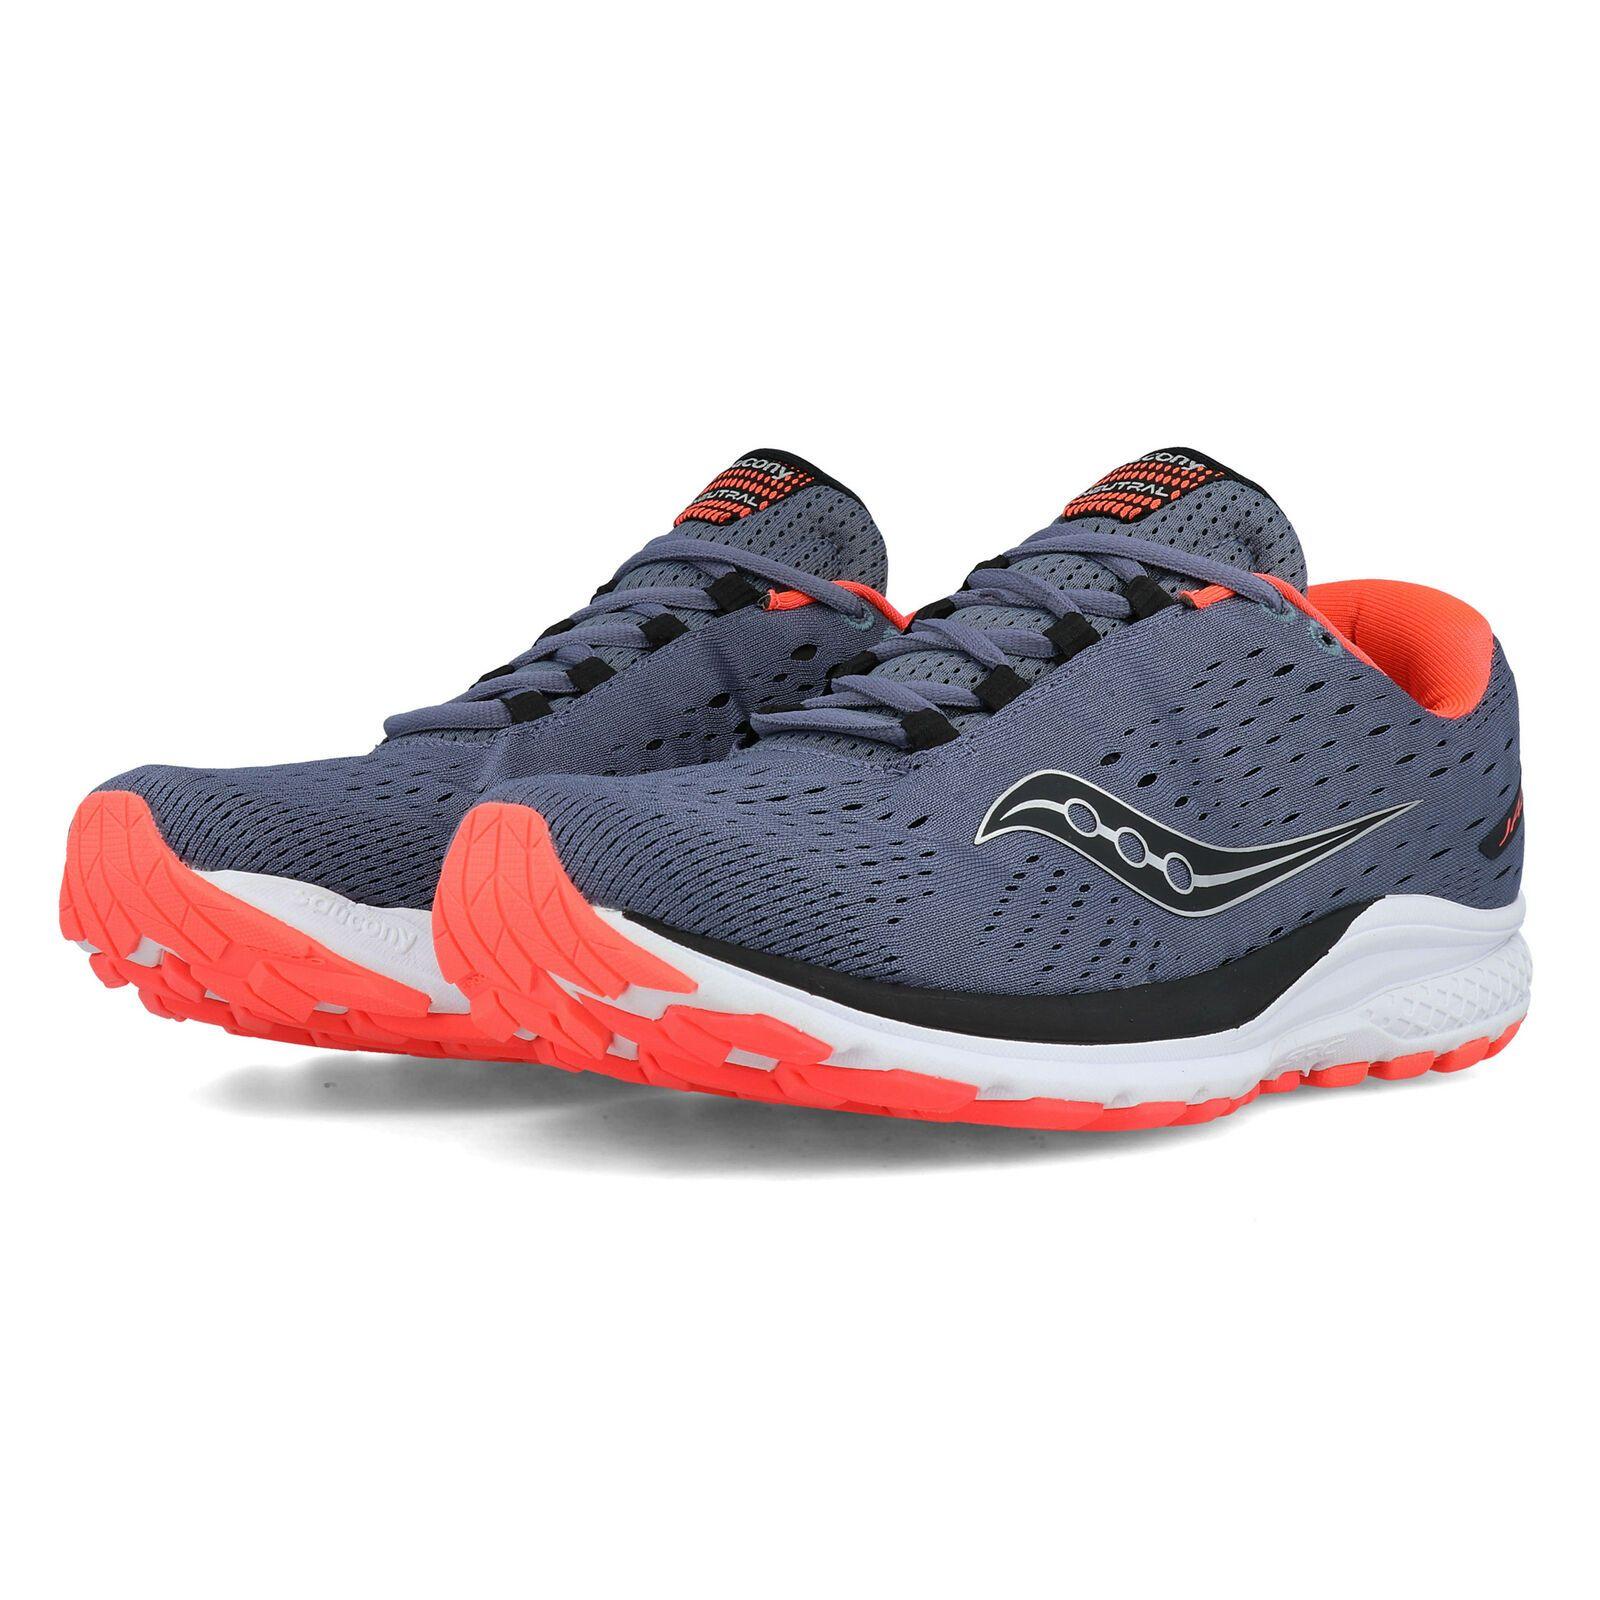 Sneakers, Sneakers nike, Running shoes